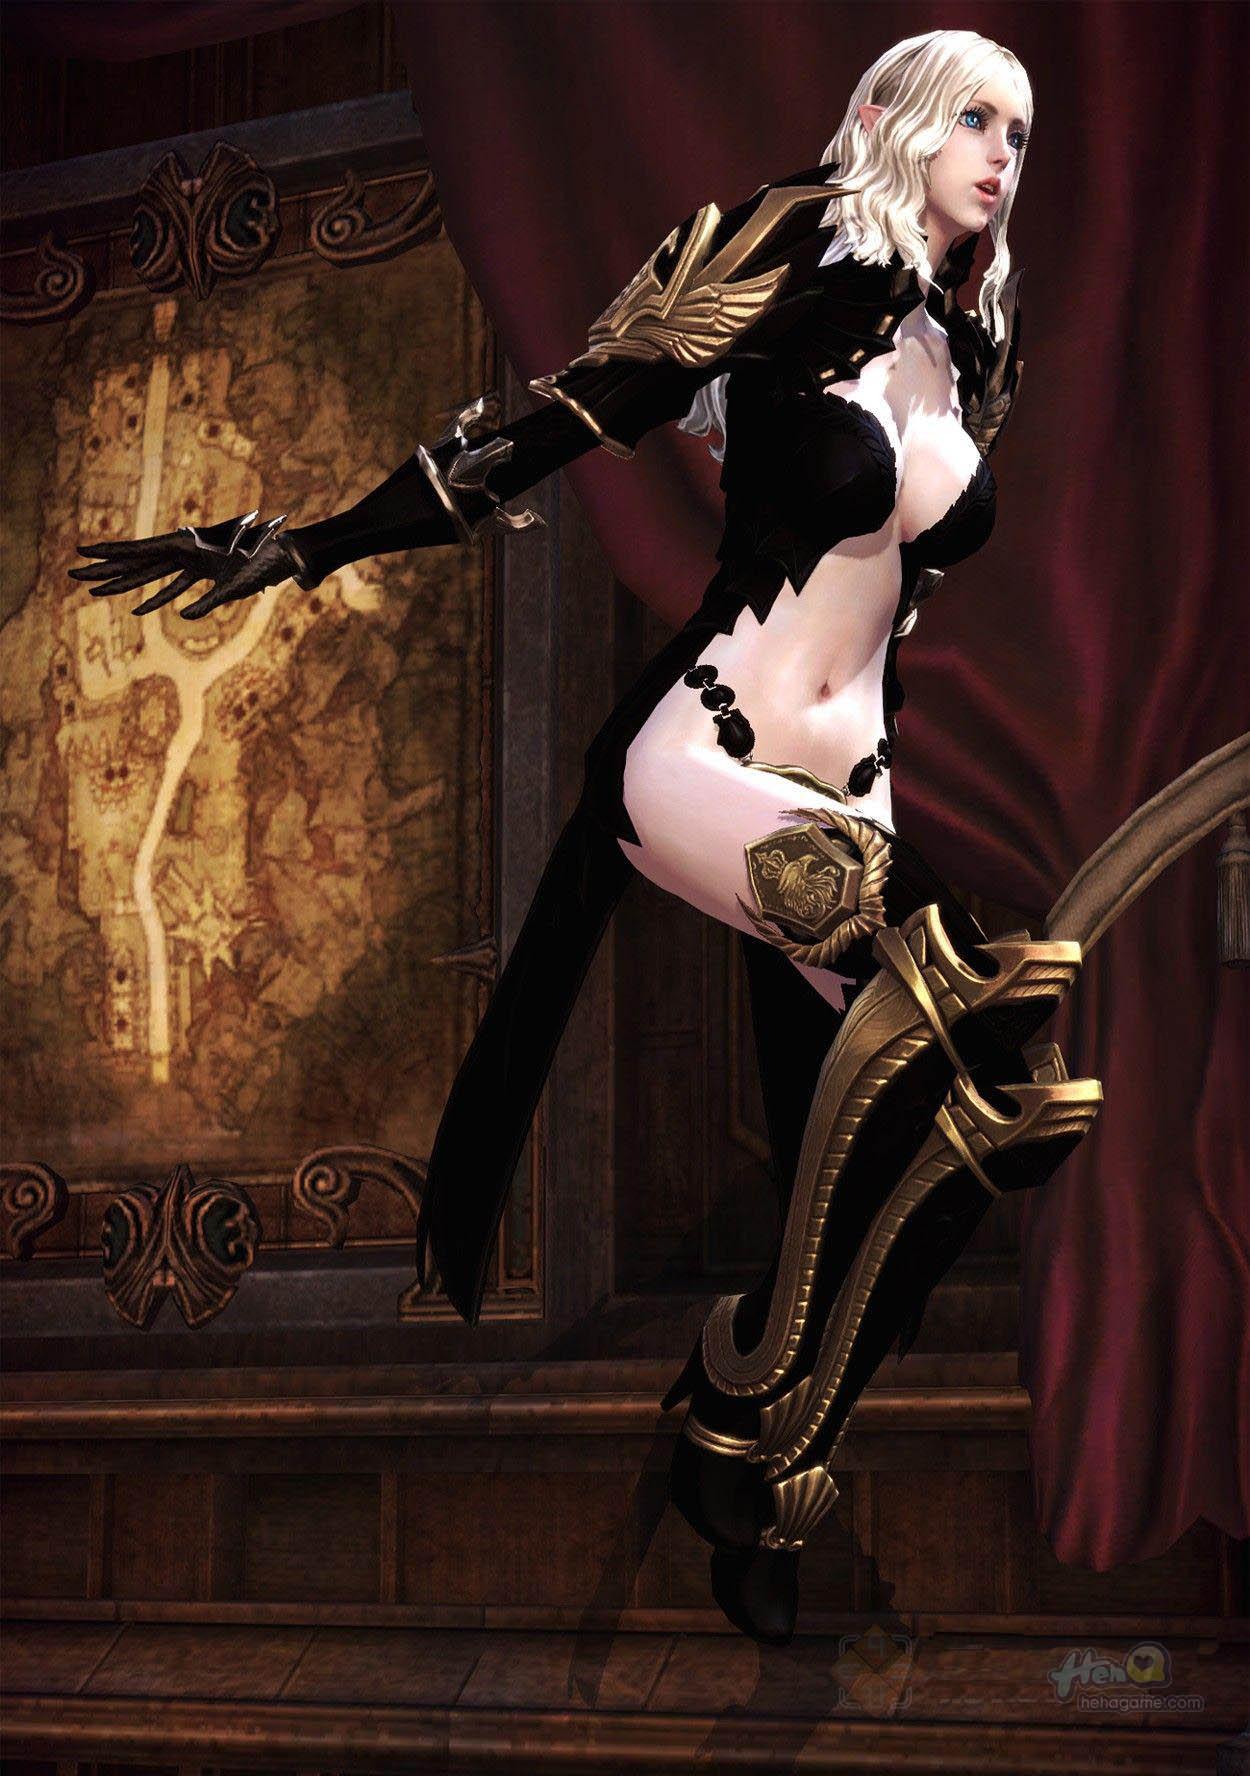 男生都喜欢的tera游戏美女角色截图 高清图片